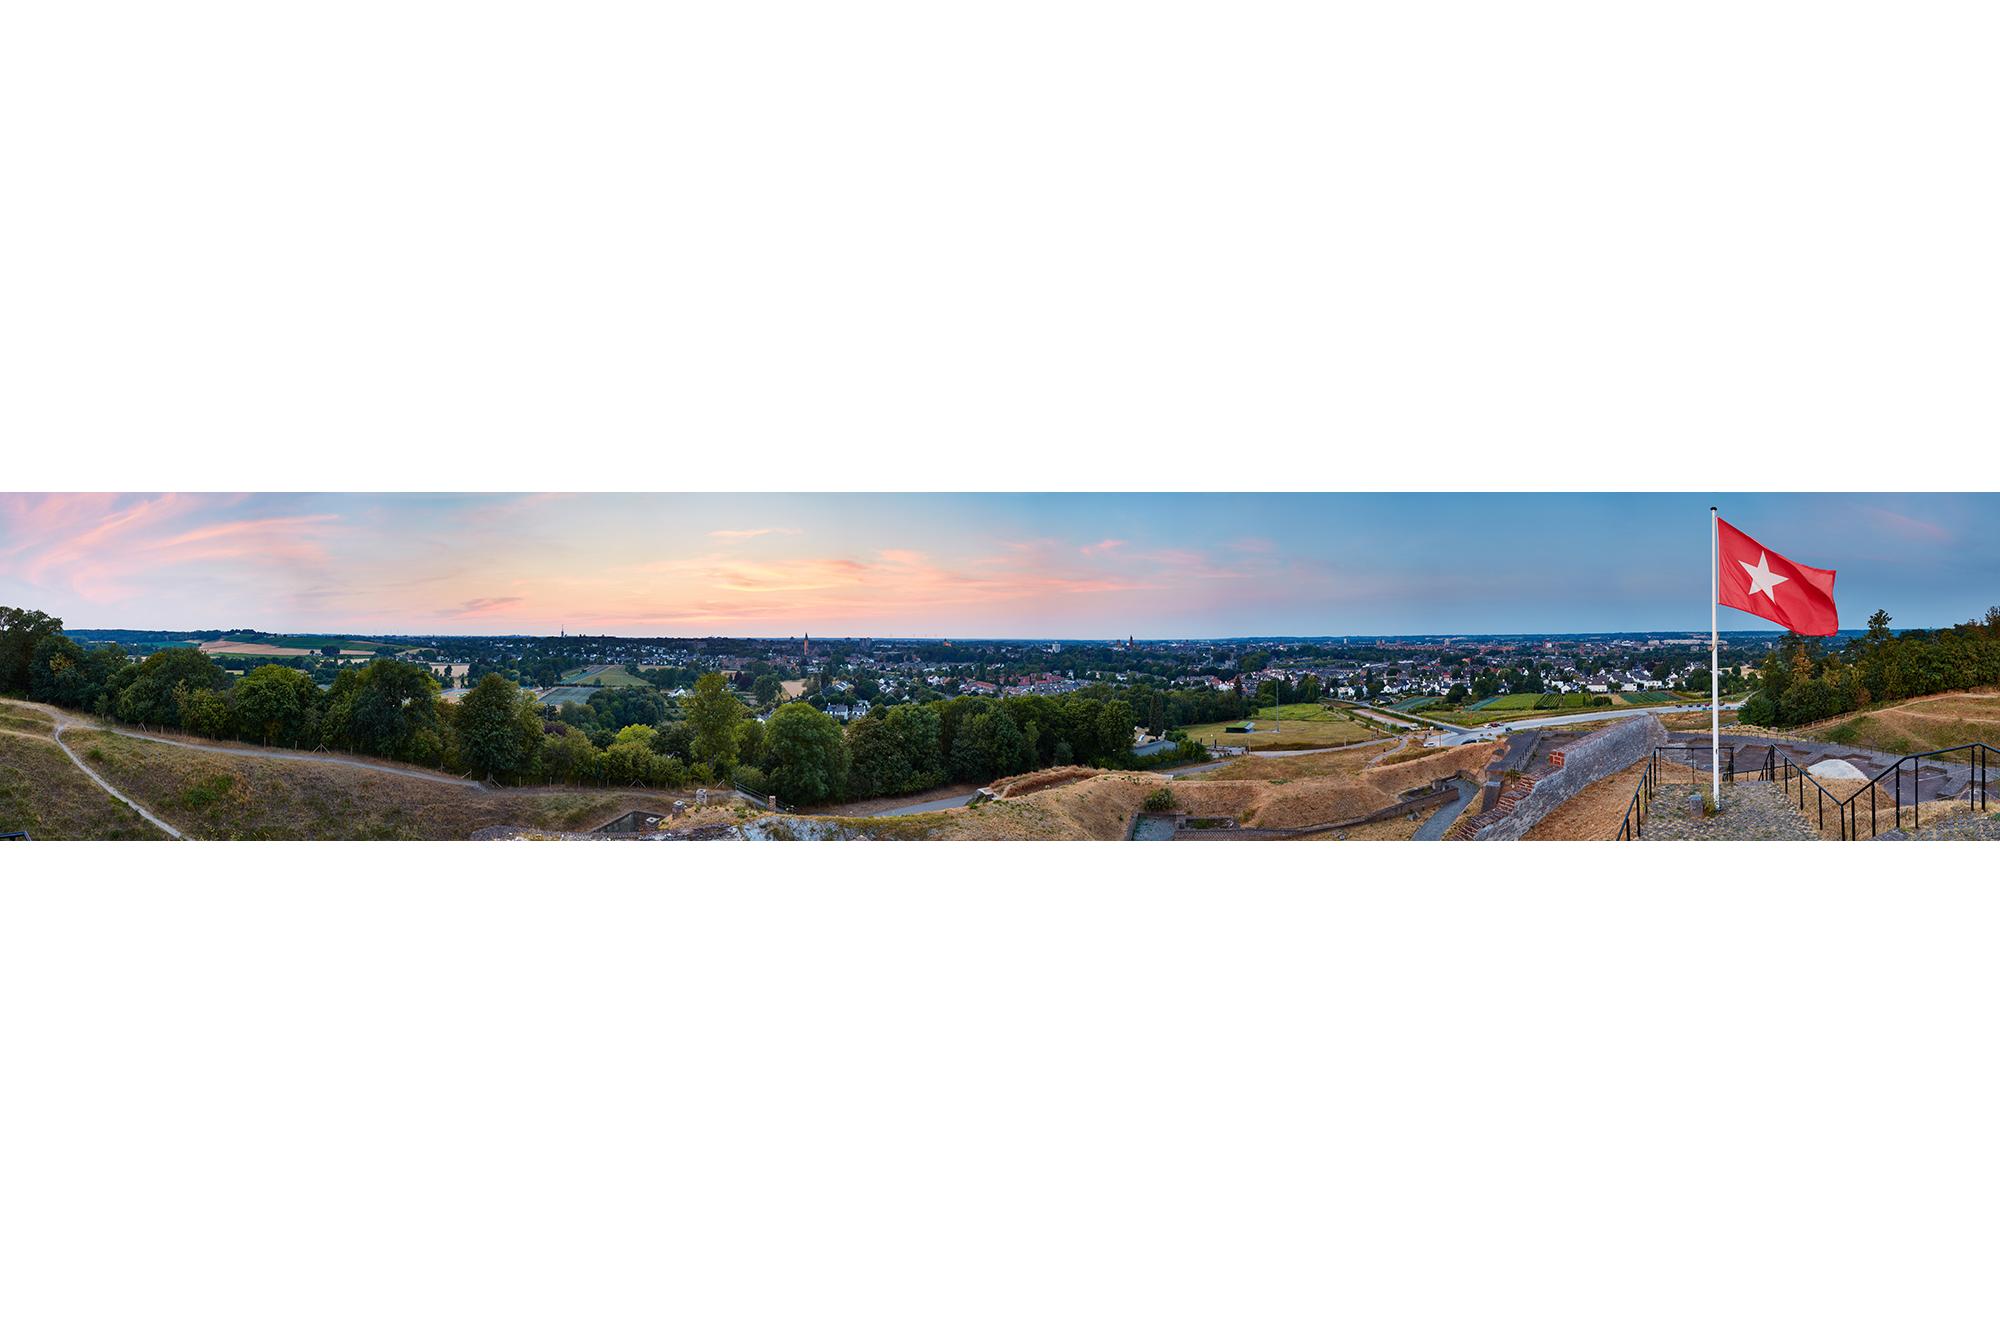 SPUISERS fotografie uitzicht over Maastricht en Limburg panorama